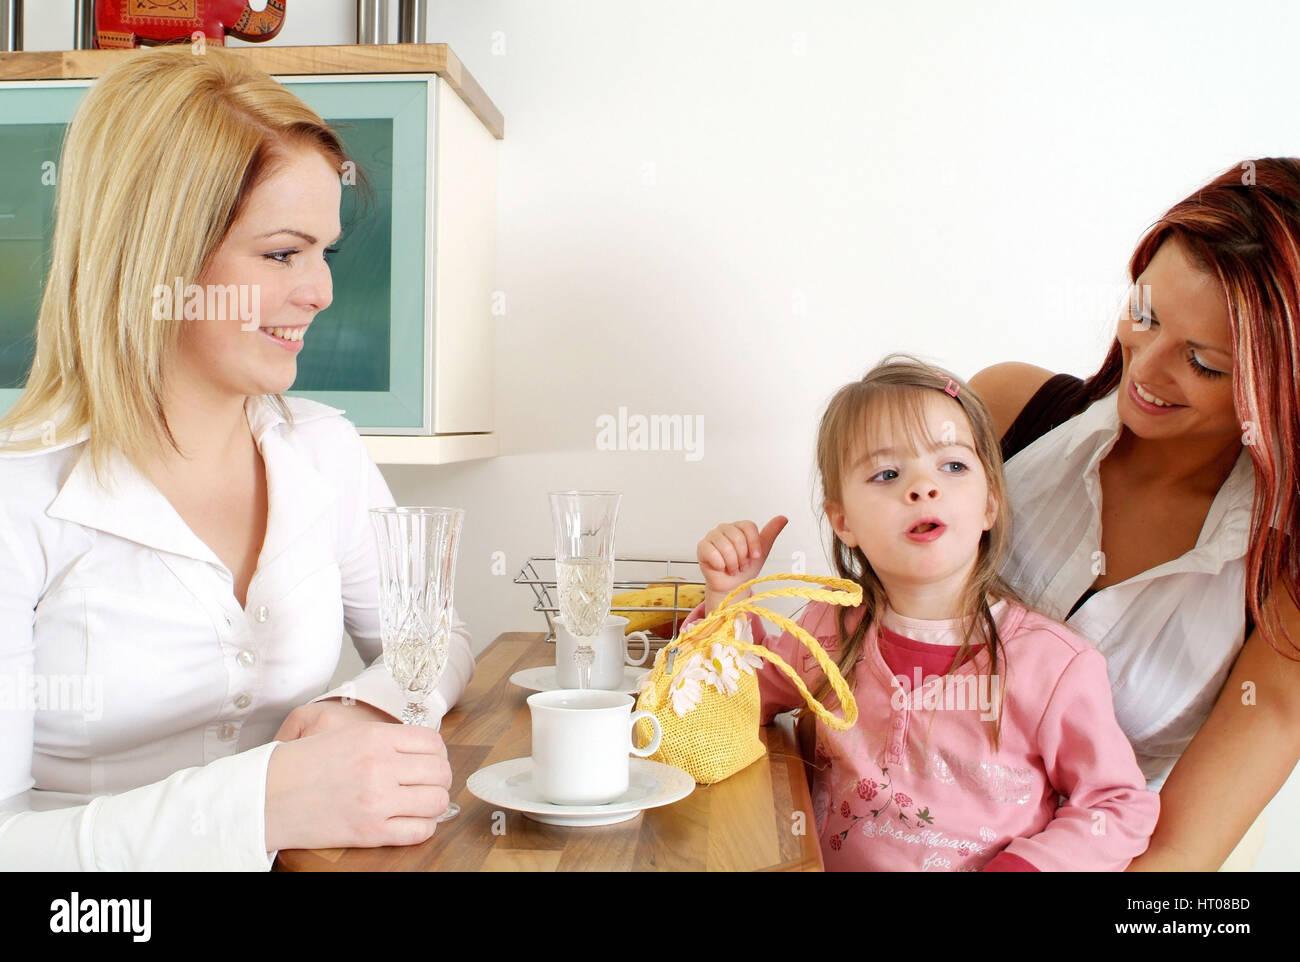 Zwei Freundinnen mit Kind beim gemuetlichen Beisammensitzen an der Kuechenbar - two friends with child get-together - Stock Image